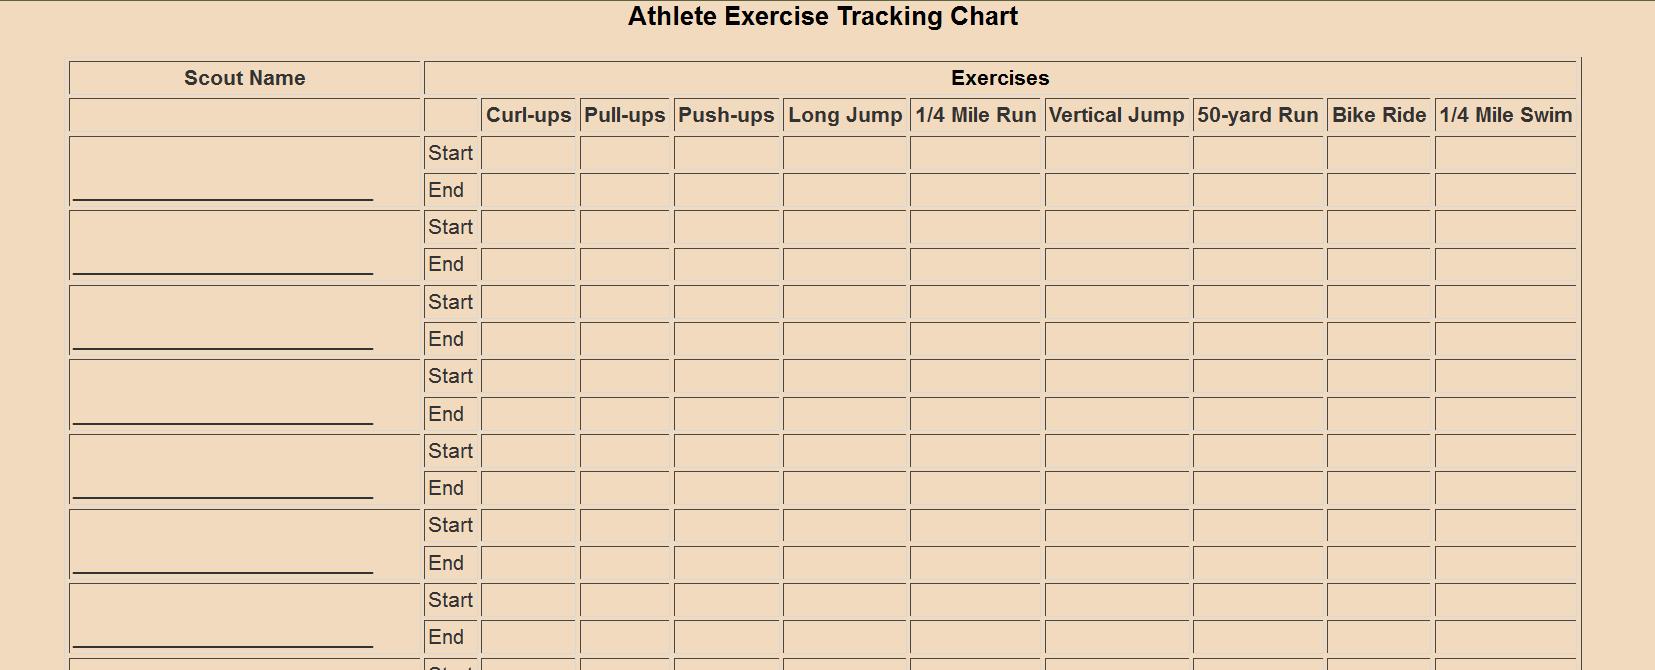 Uncategorized. Webelos Athlete Worksheet. klimttreeoflife Resume Site